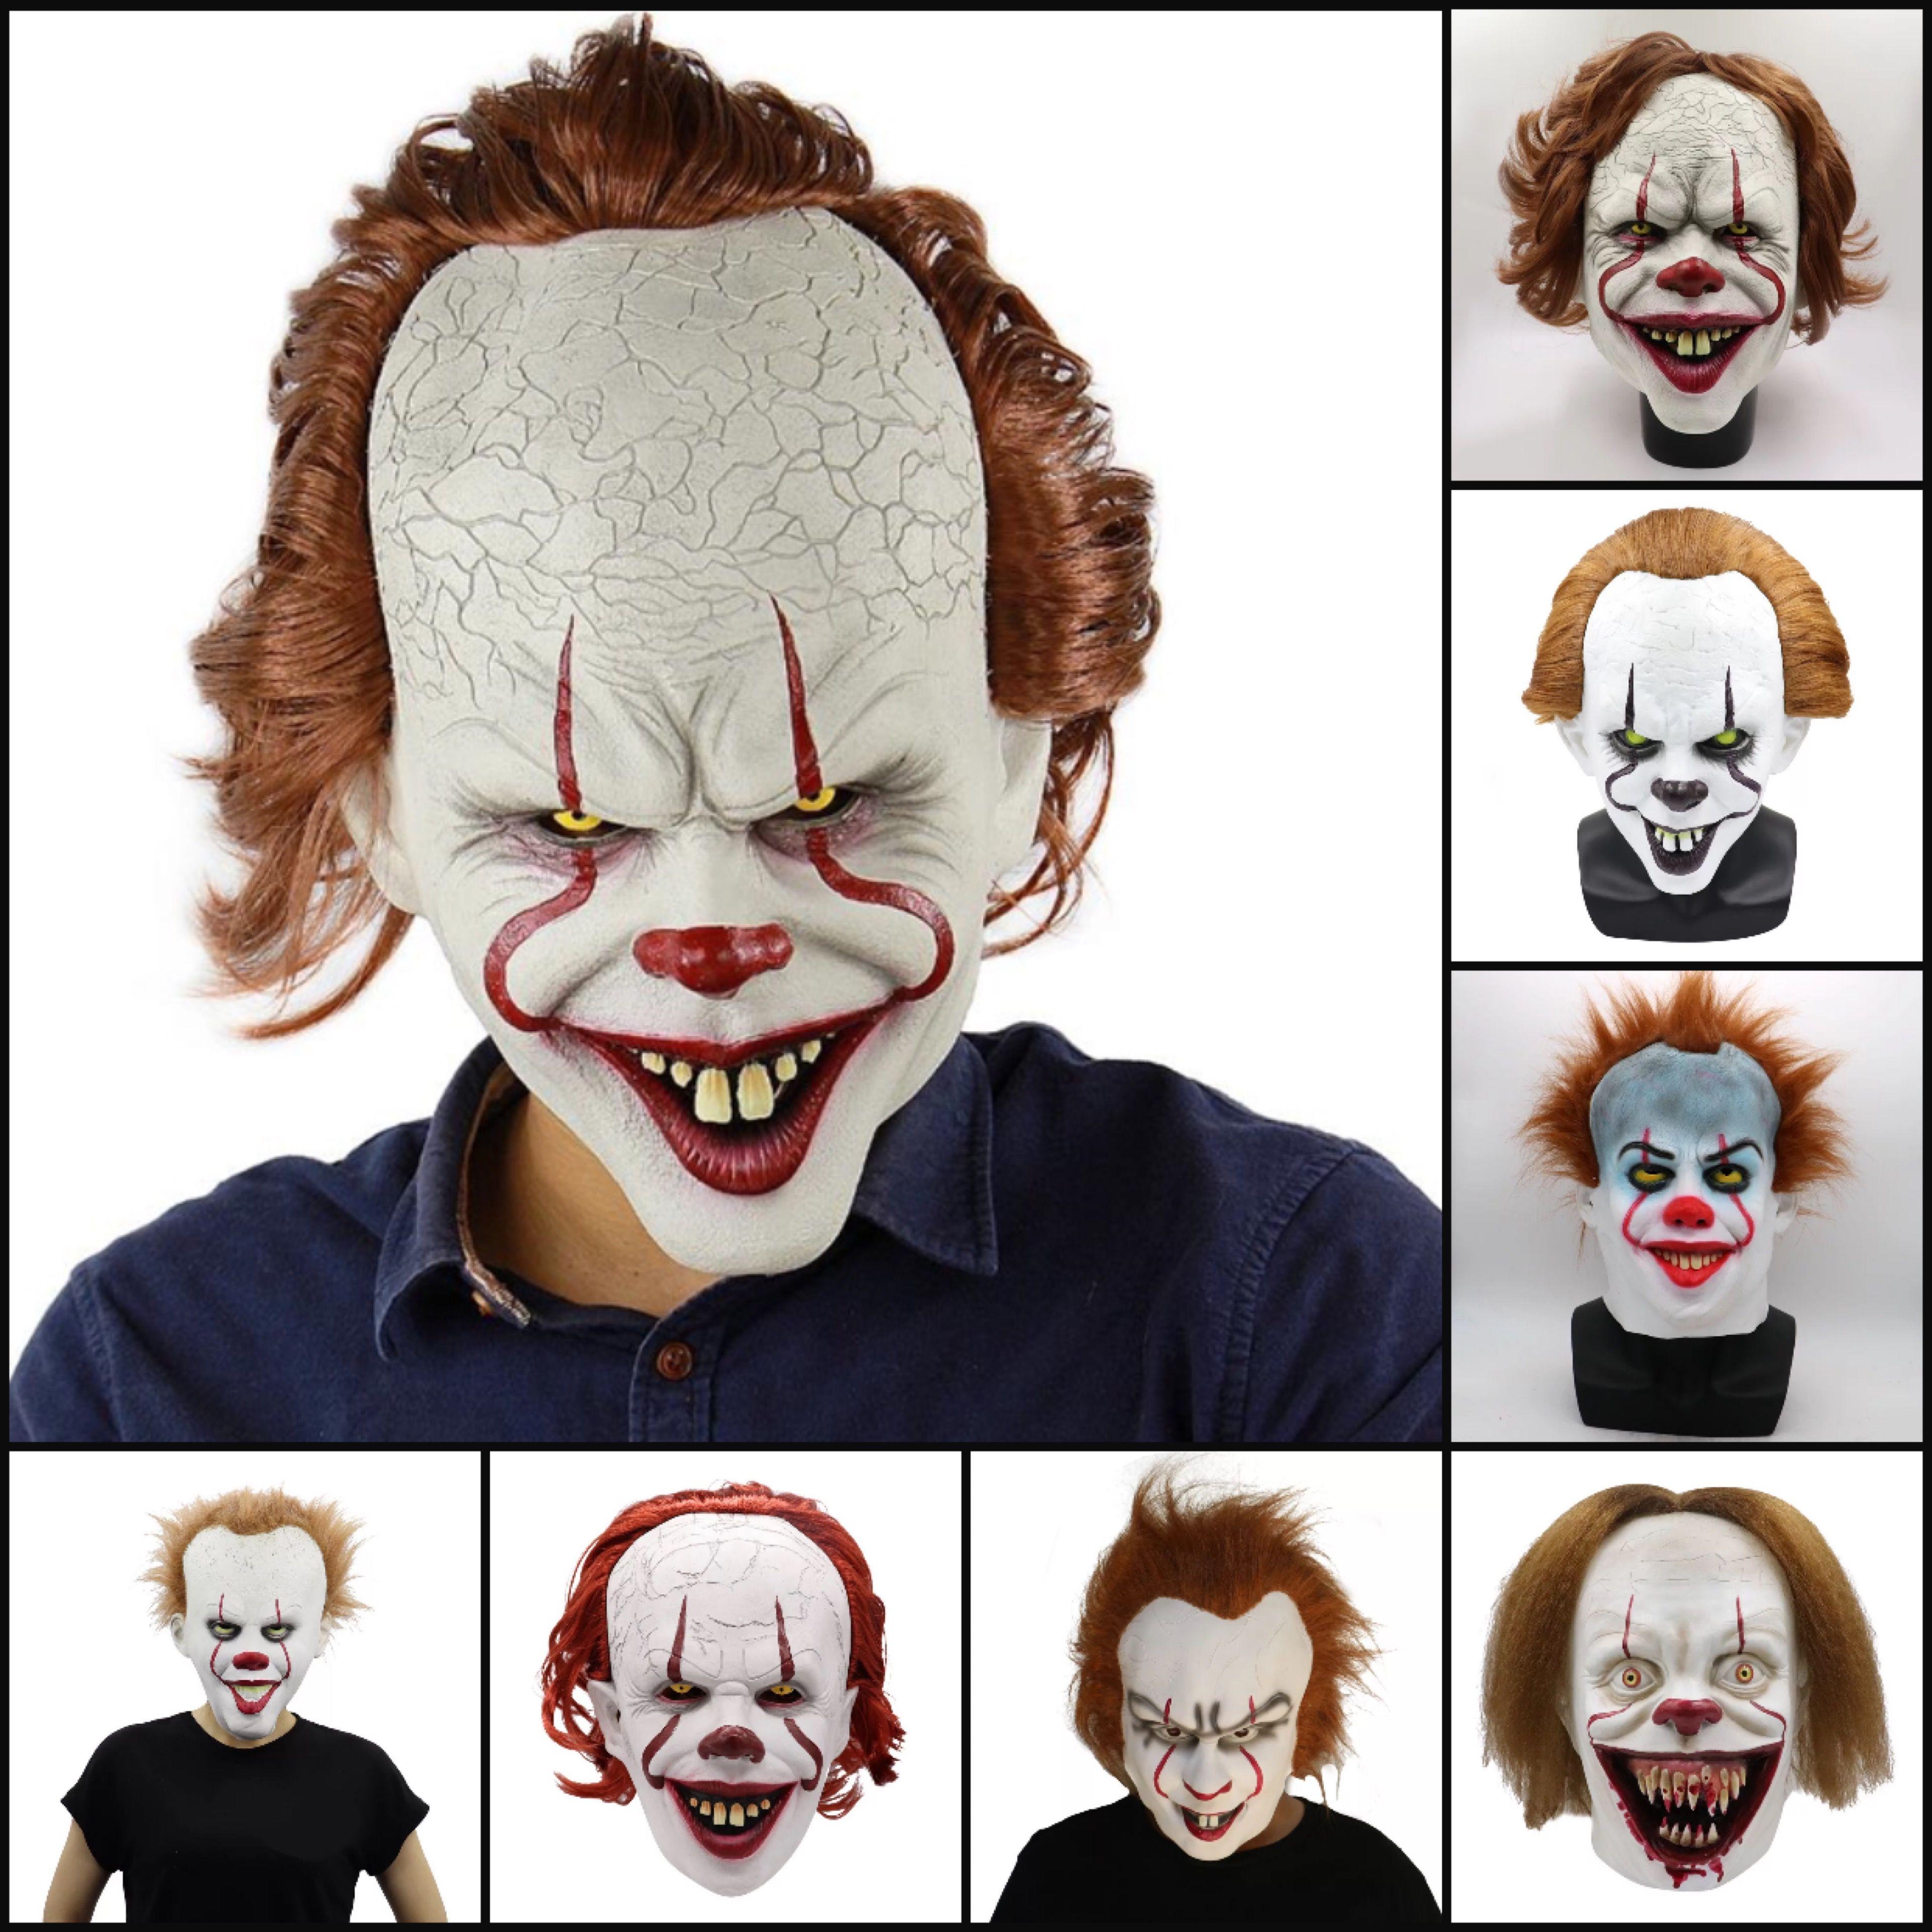 9Styles Cadılar Bayramı Silikon Film Stephen King'in It 2 Joker Pennywise Tam Yüz Korku Palyaço Cosplay Prop Parti Maskeler Maske